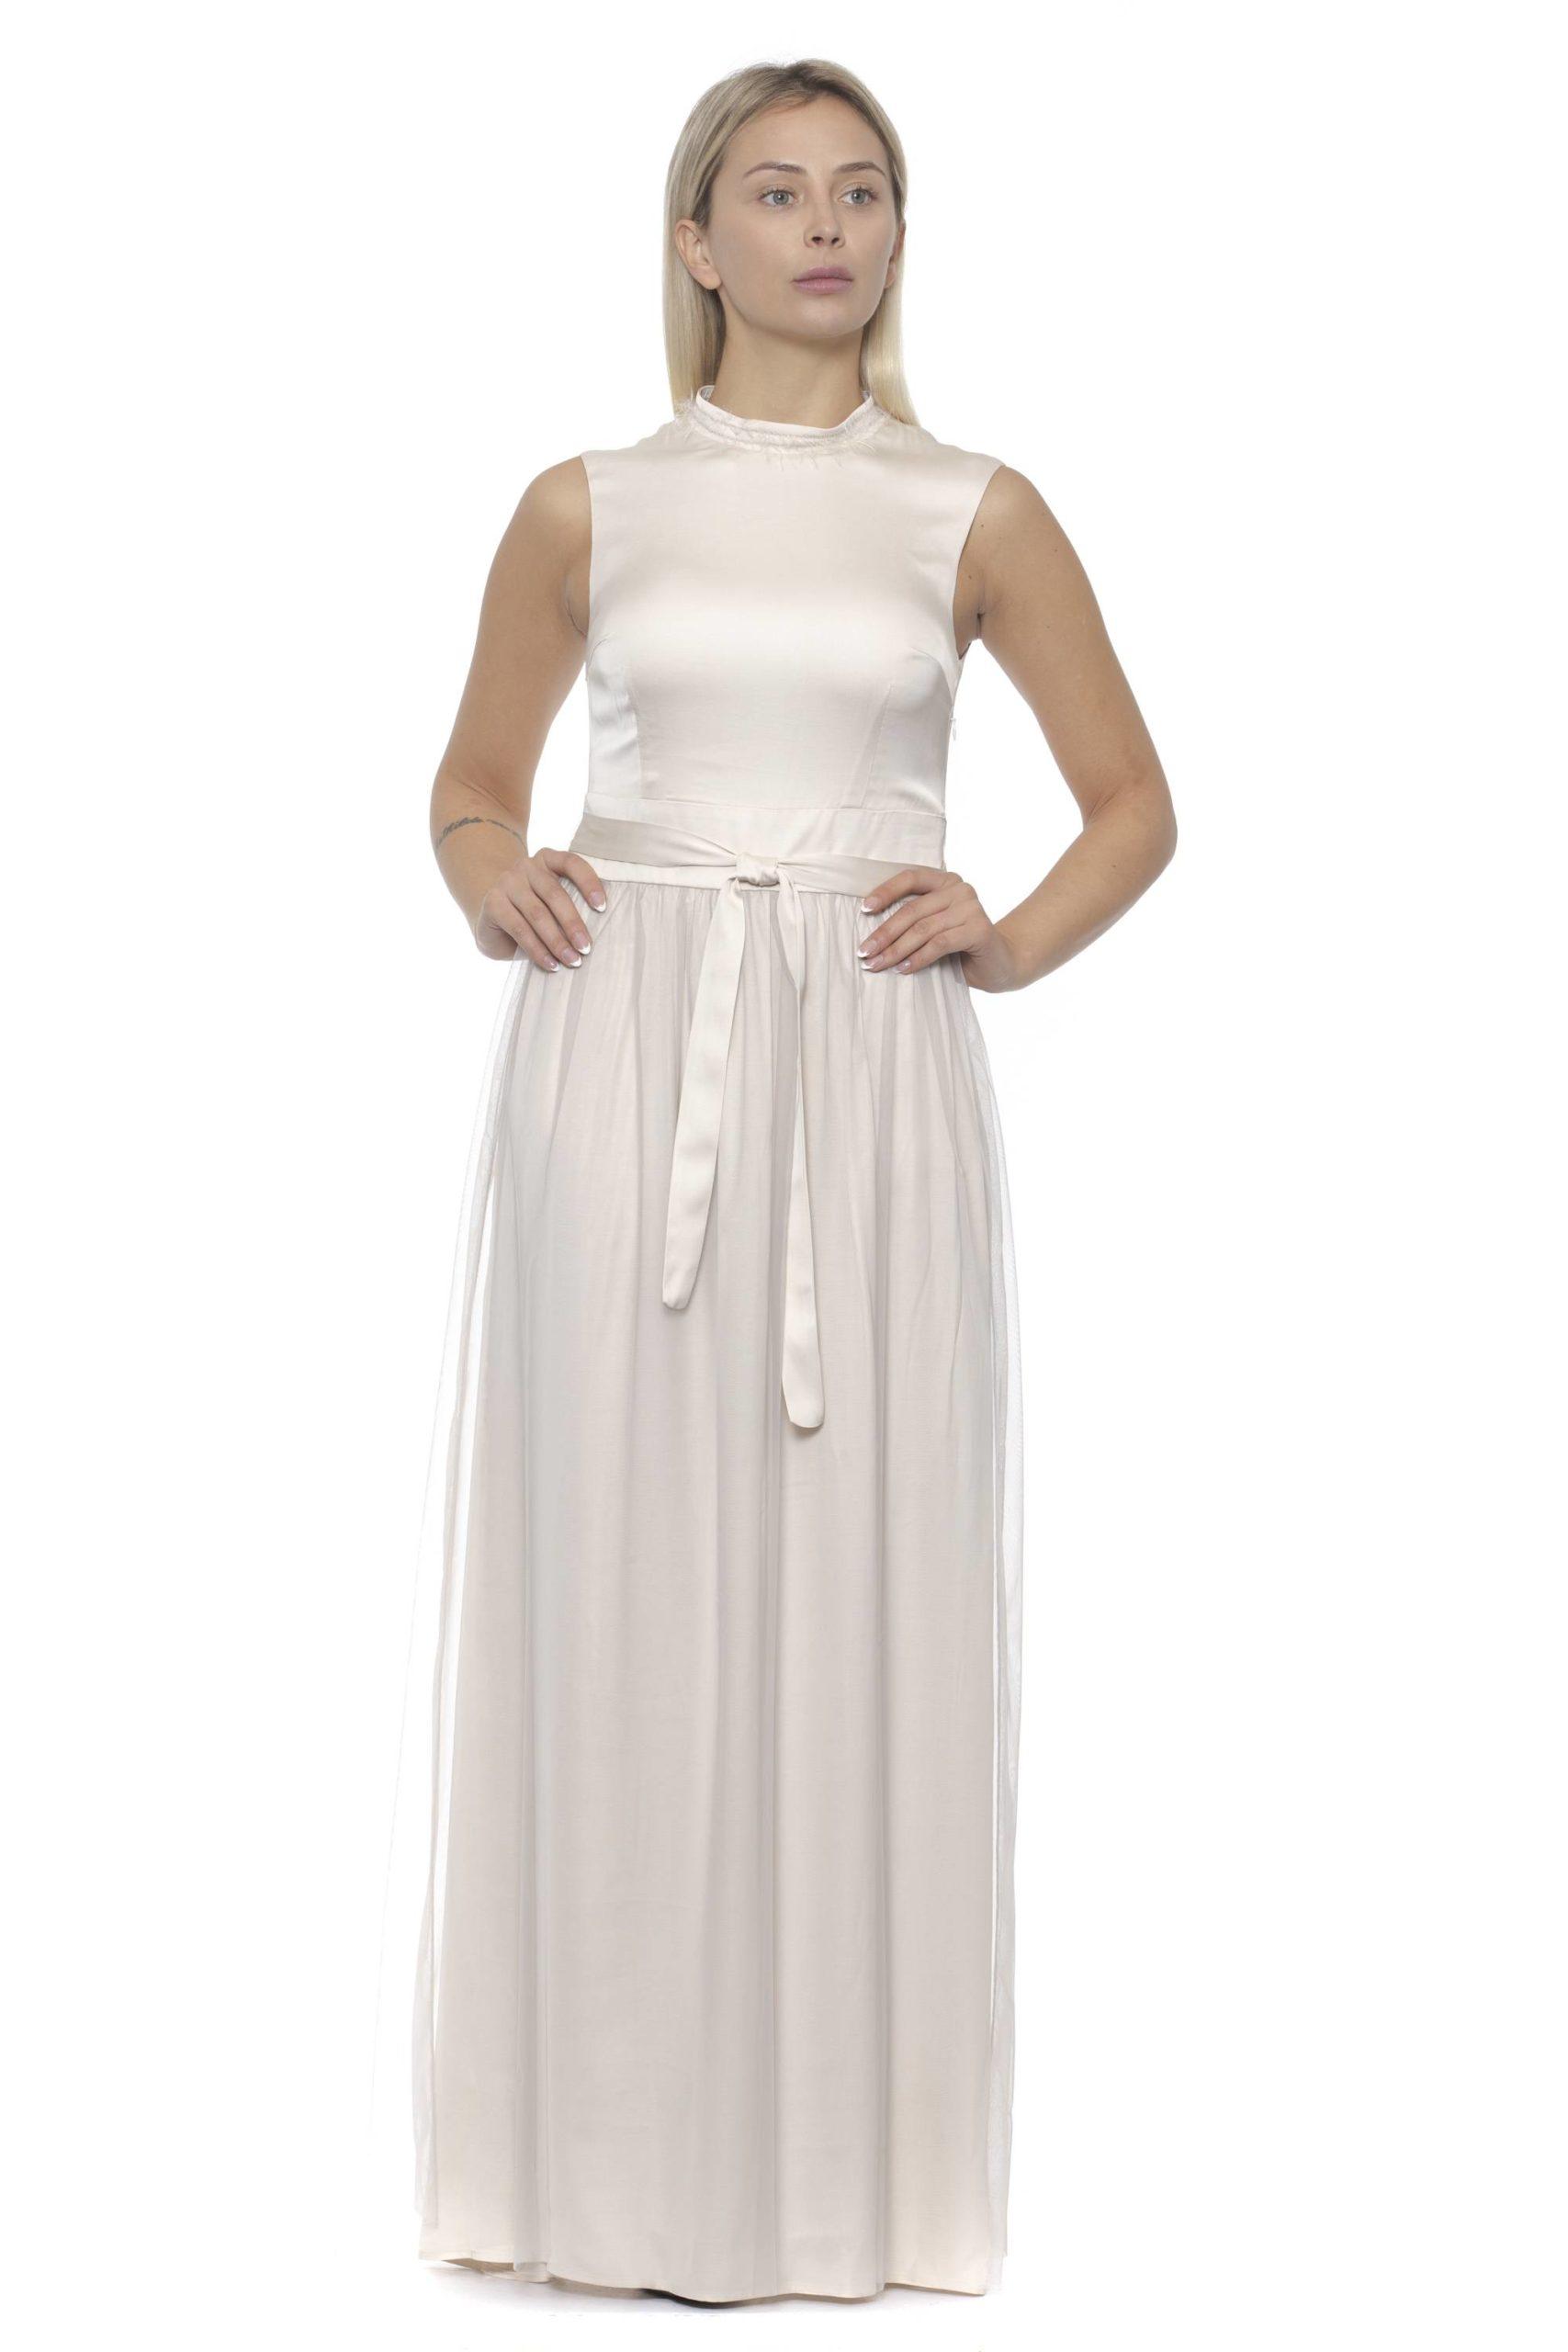 Peserico Women's Bianco Dress Beige PE1381905 - IT40 | XS